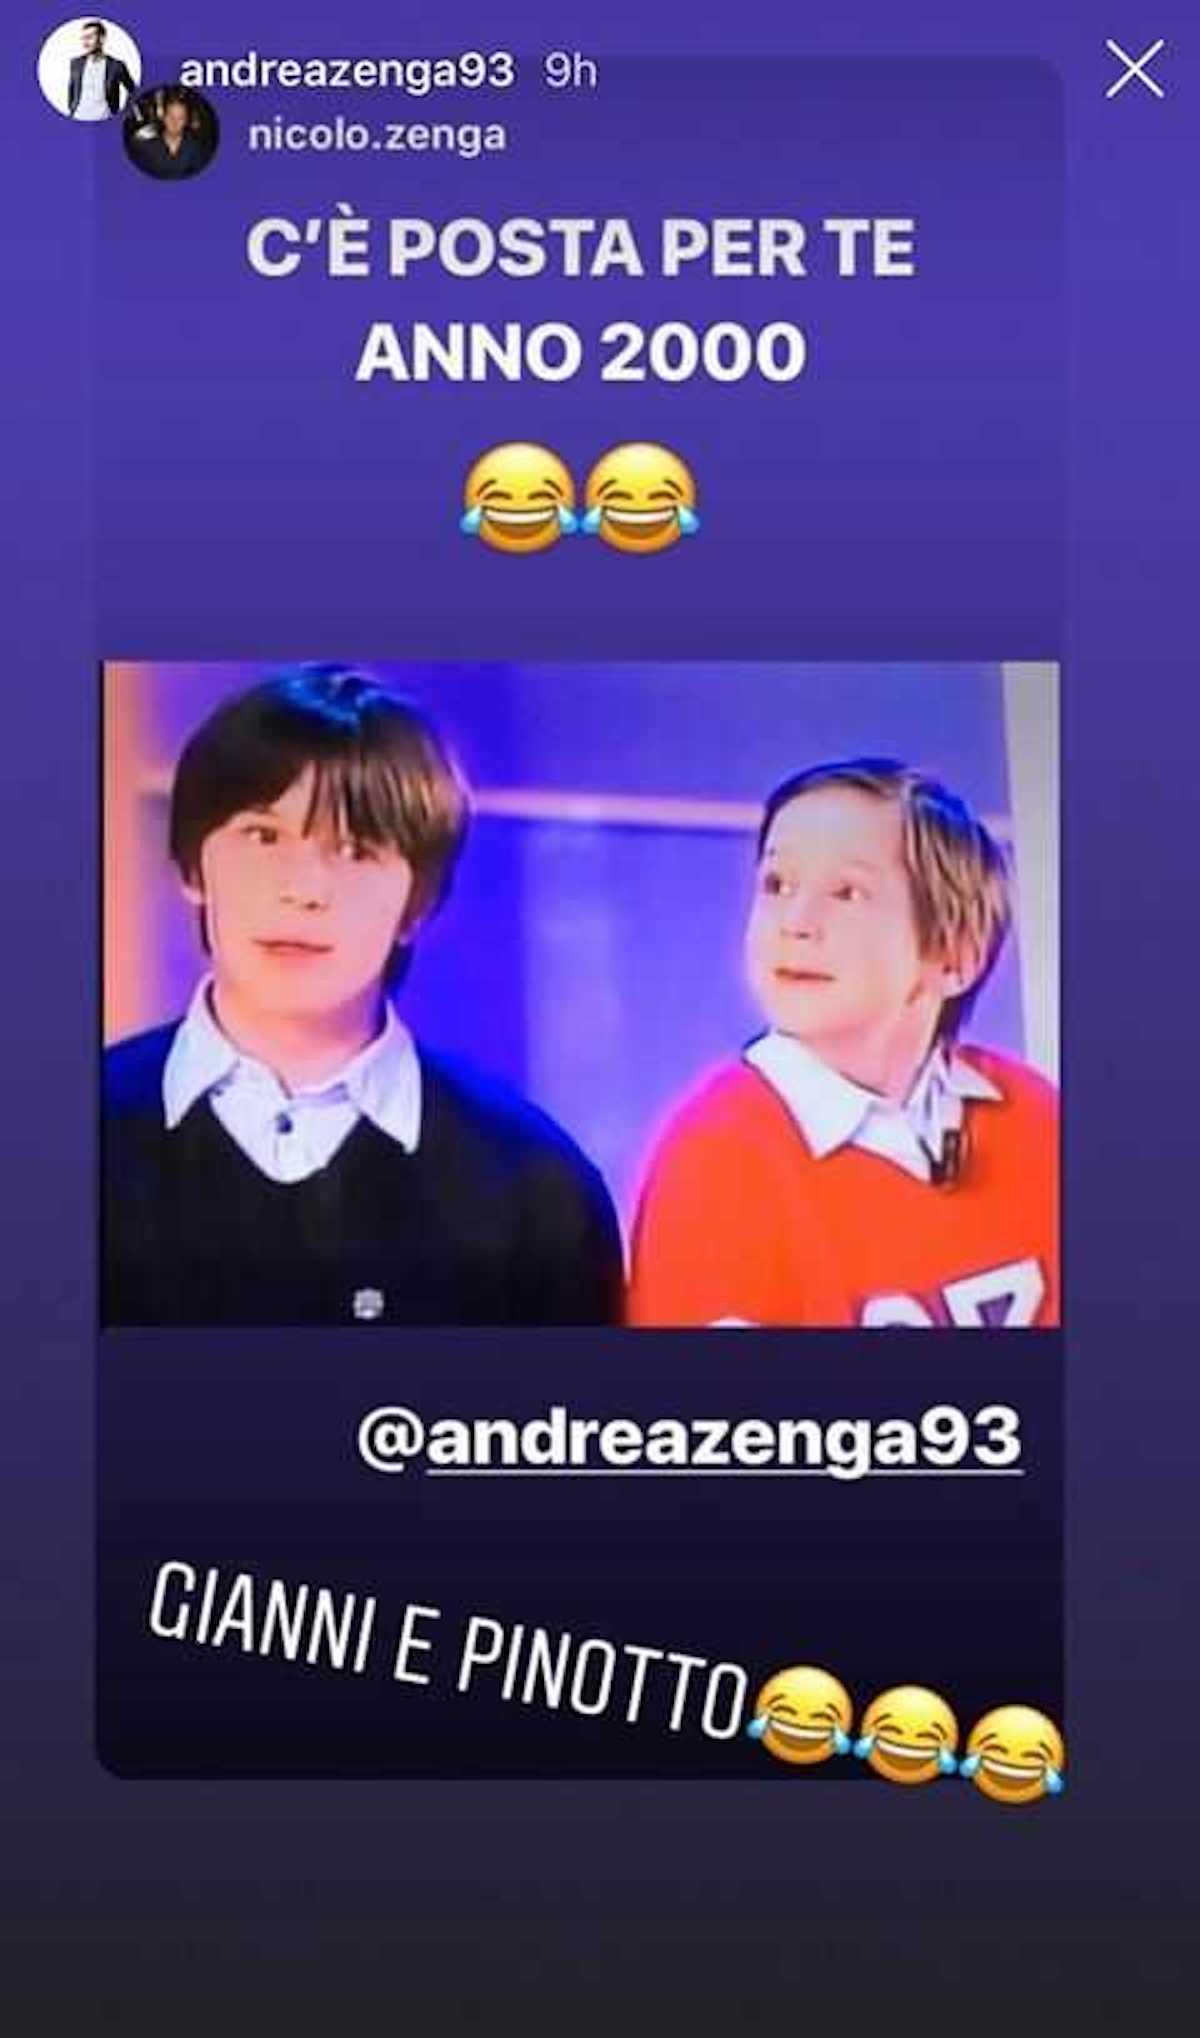 Instagram story di Zenga Andrea